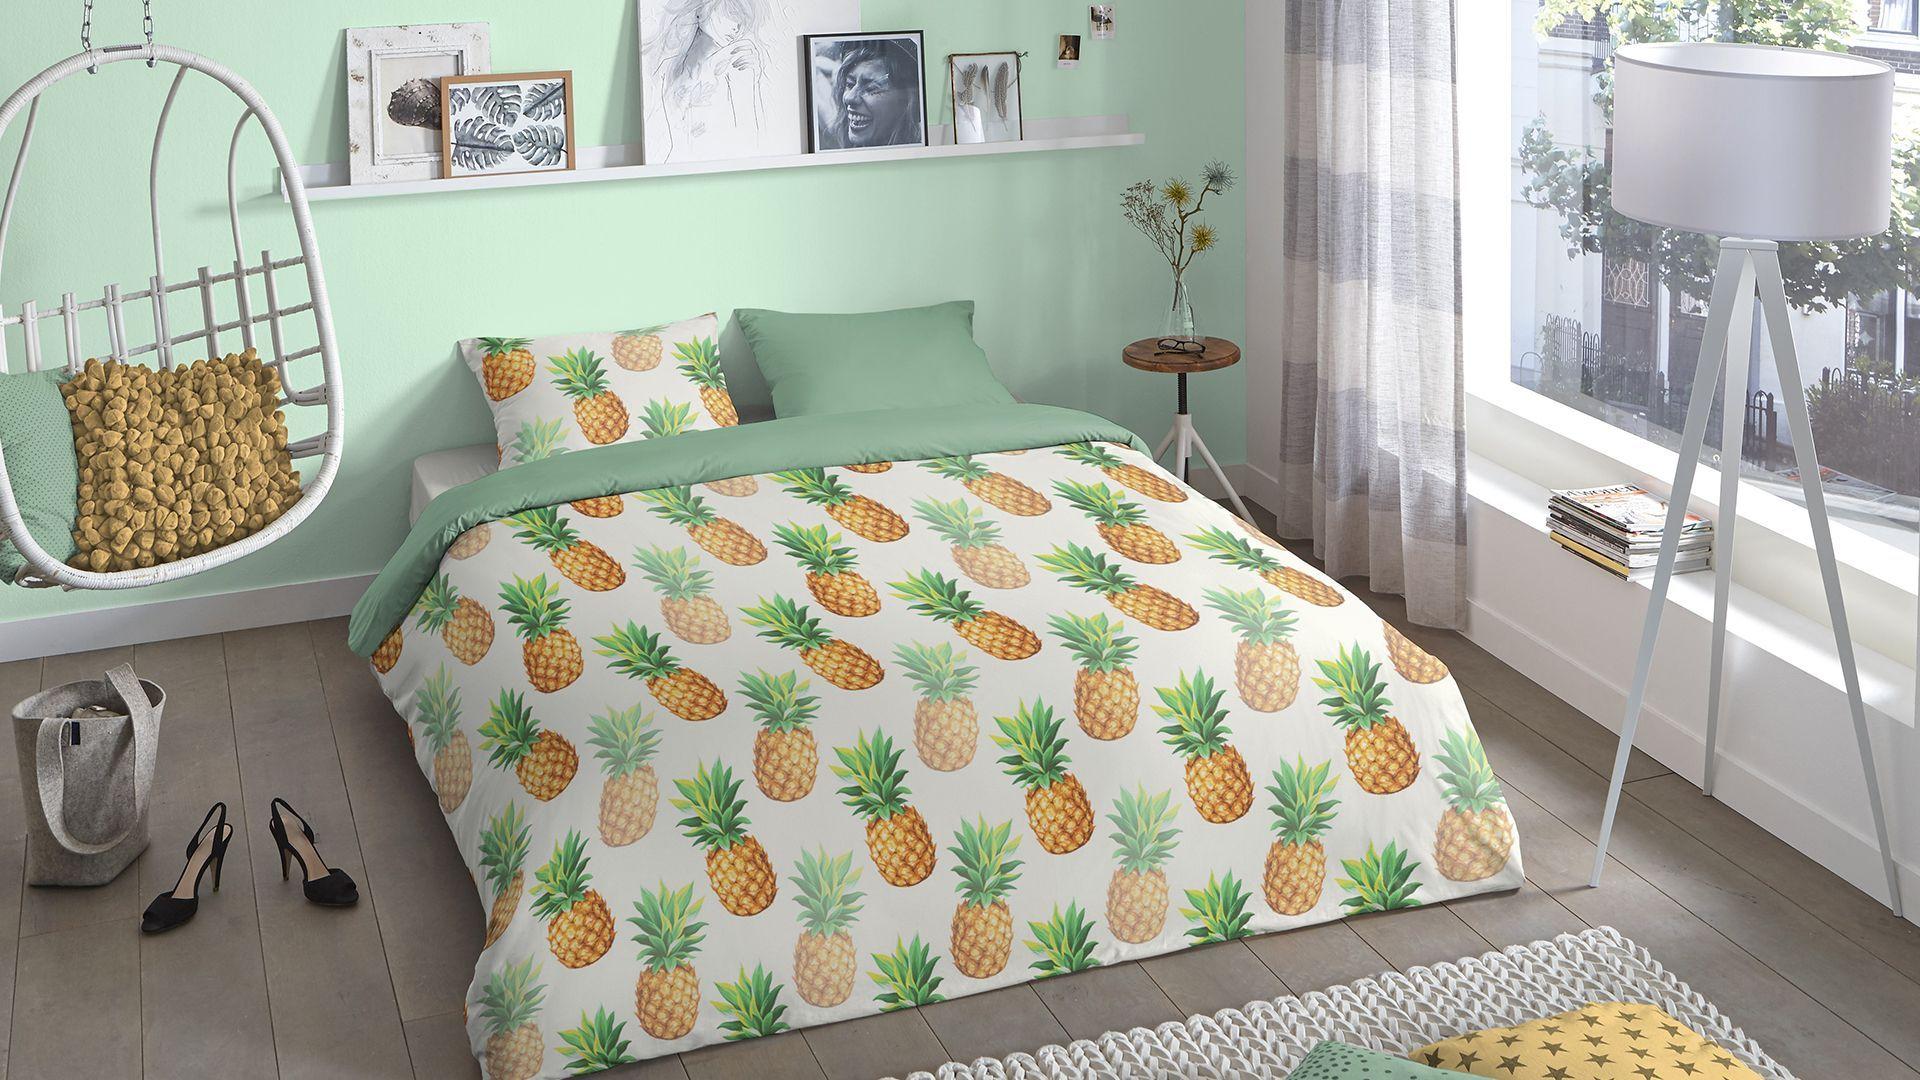 Good Morning Ananas dekbedovertrek